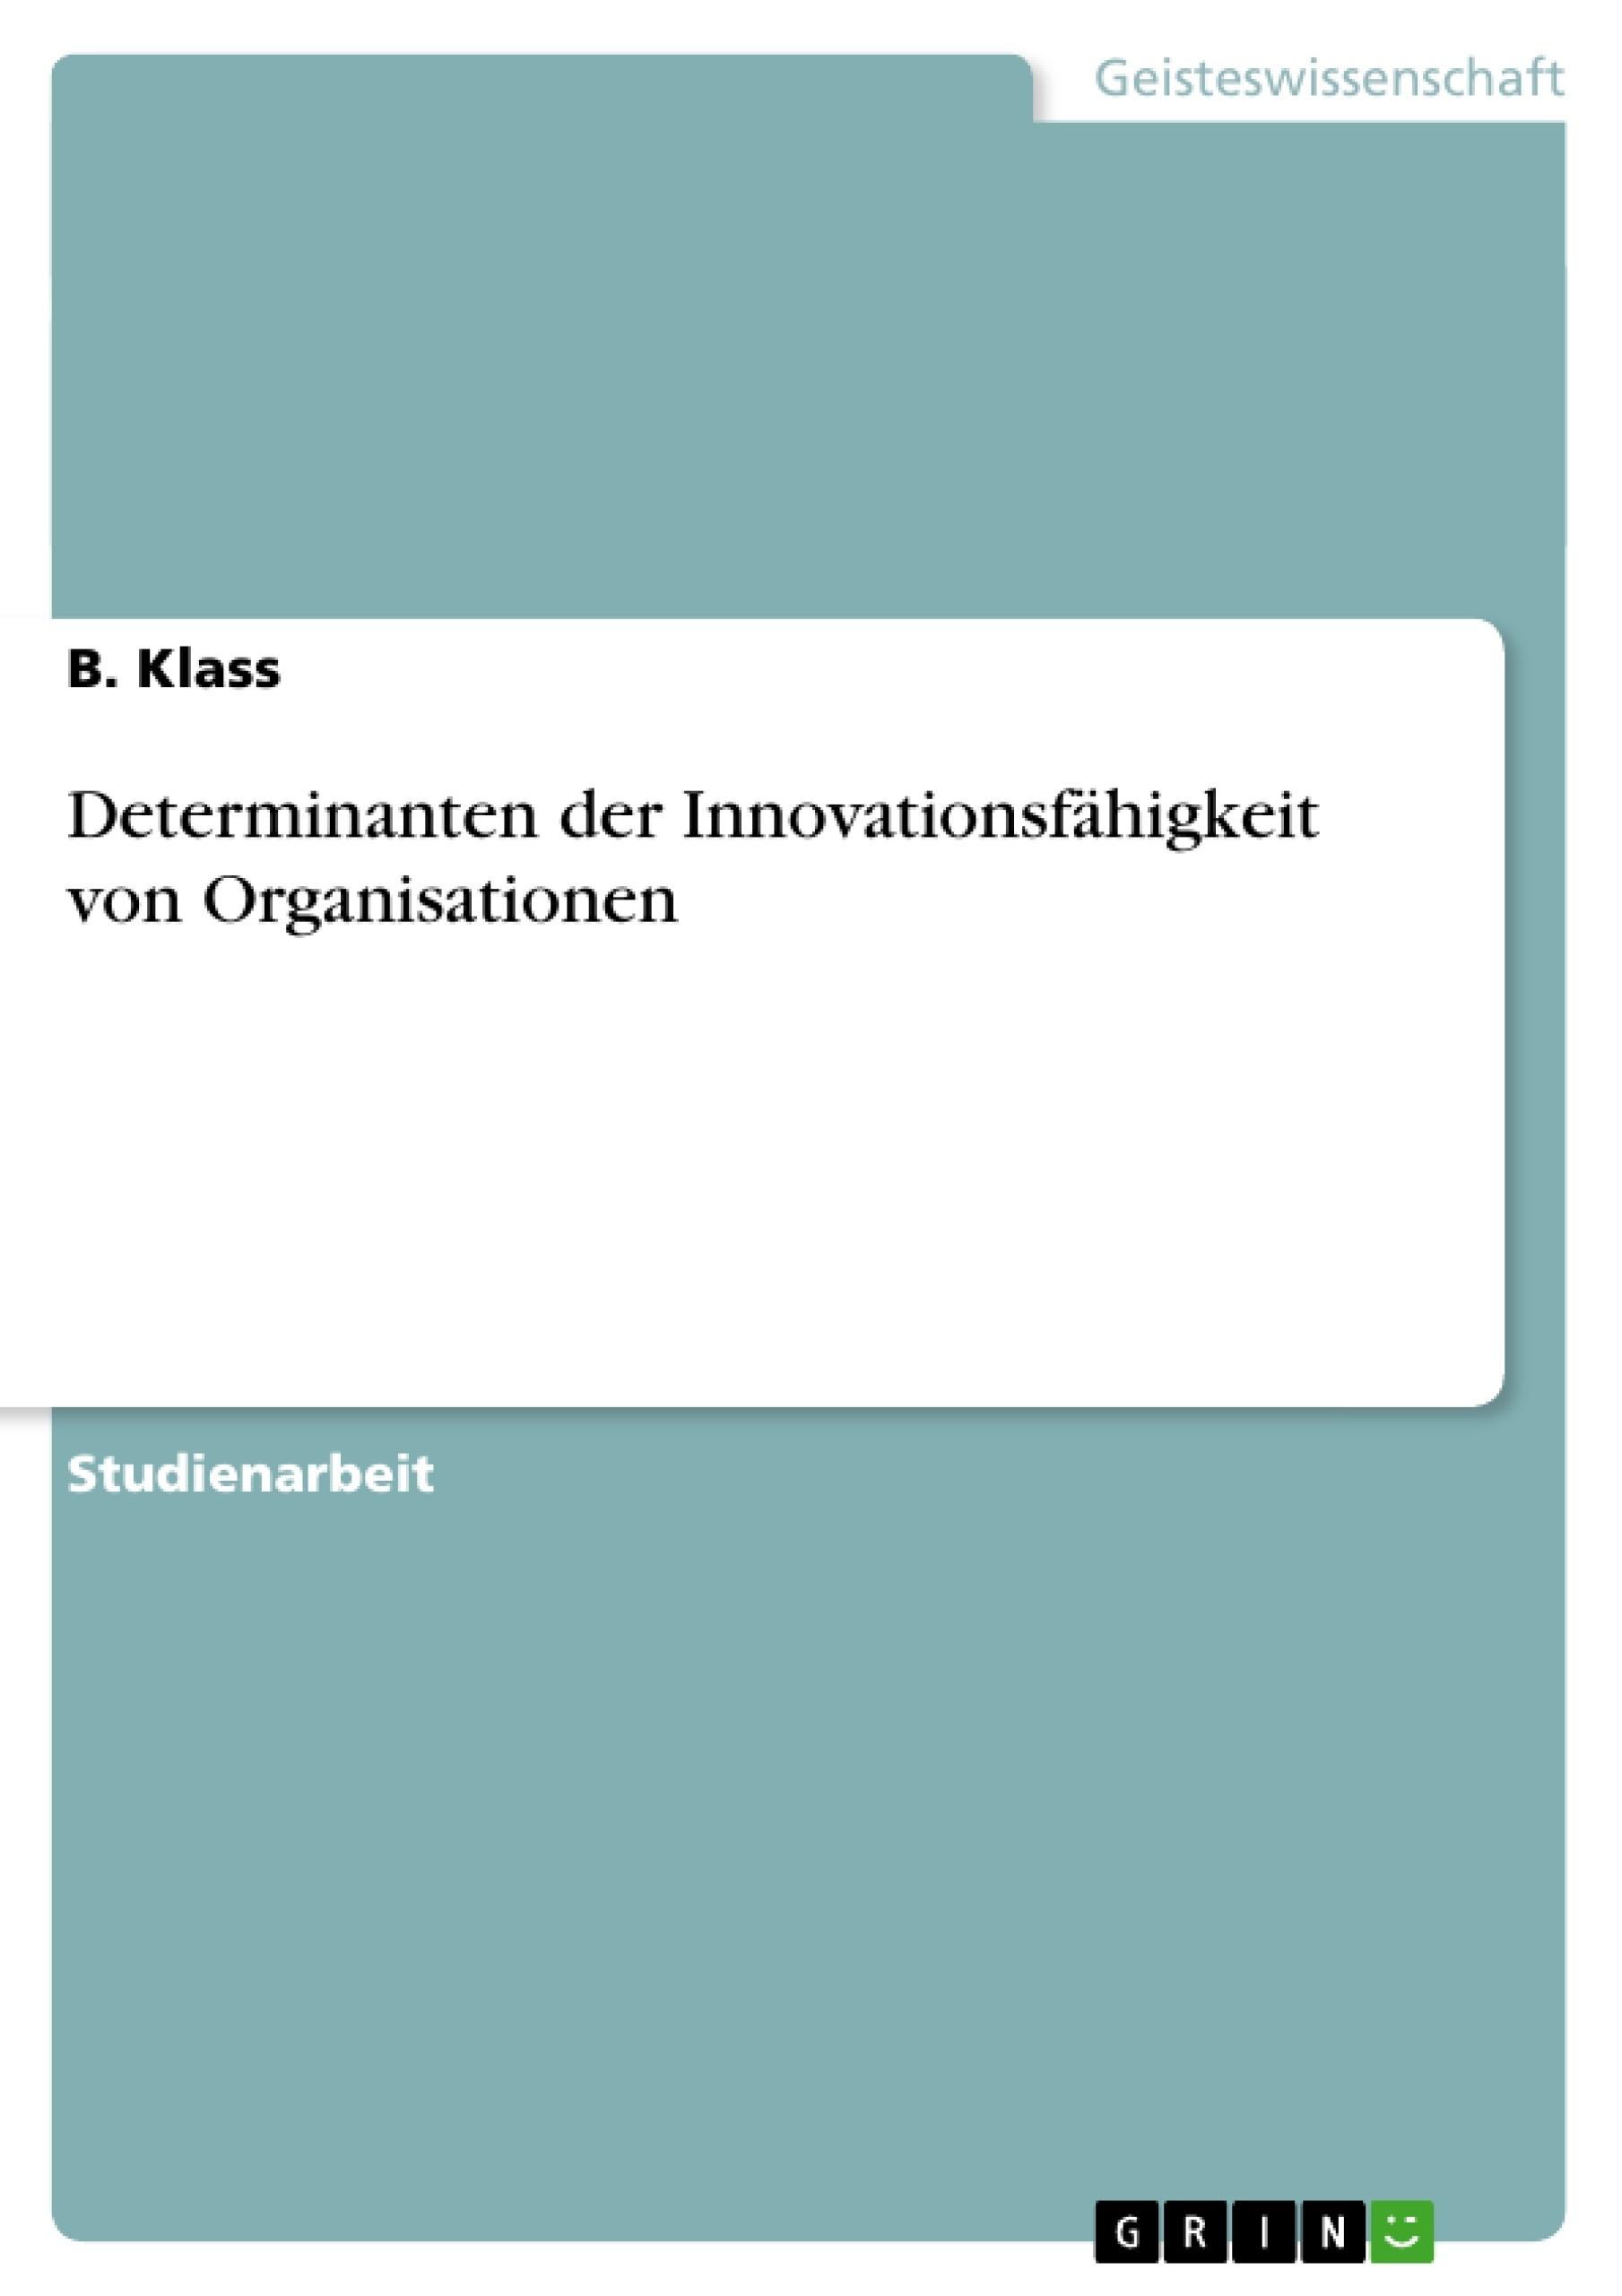 Titel: Determinanten der Innovationsfähigkeit von Organisationen